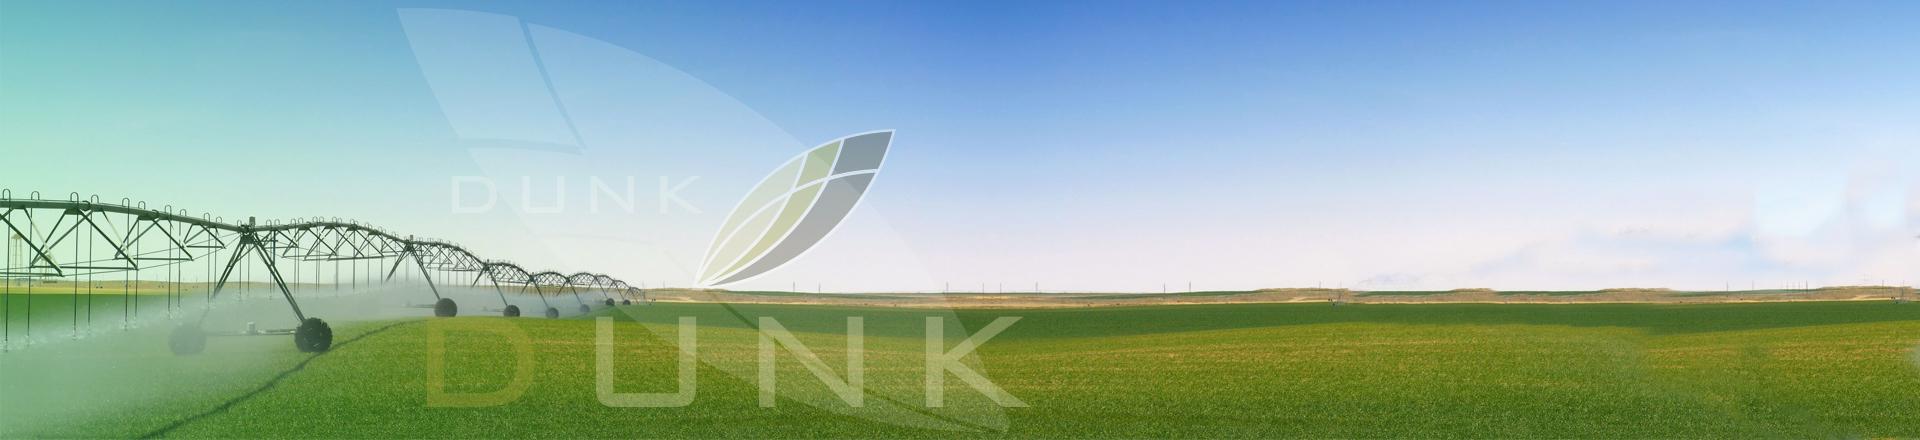 Dunk_banner2